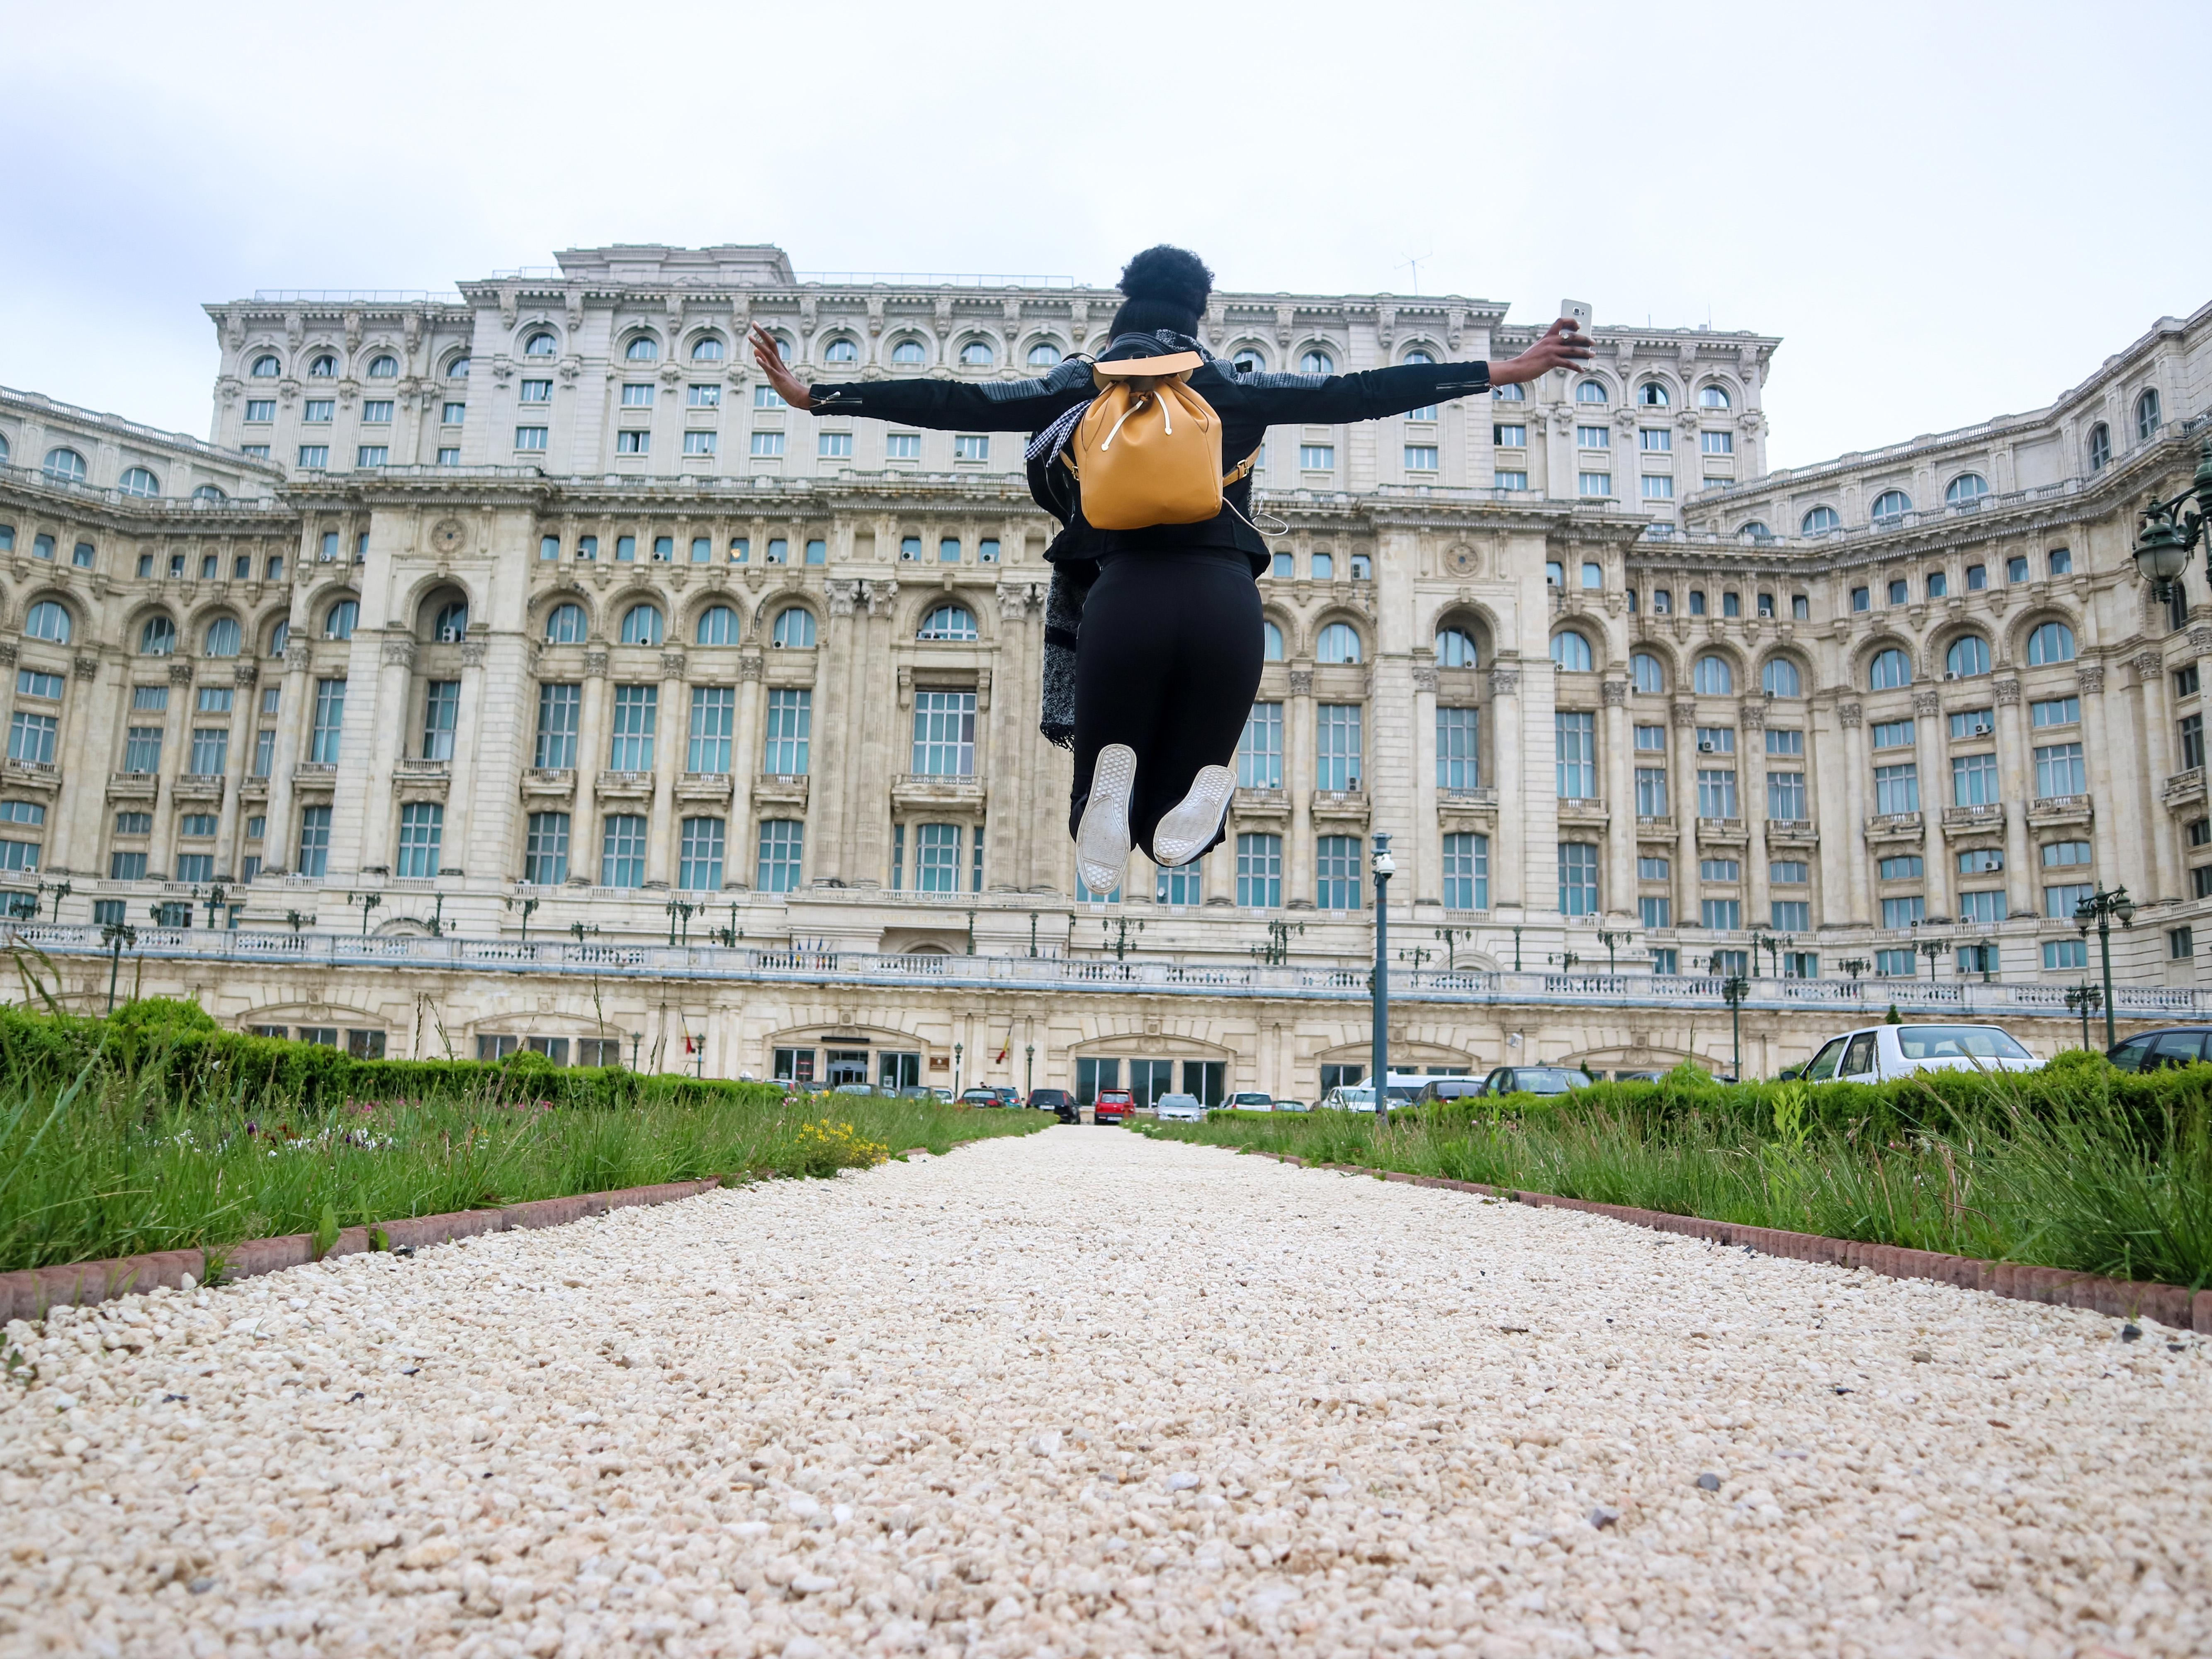 Bucharest 2017 photo gallery